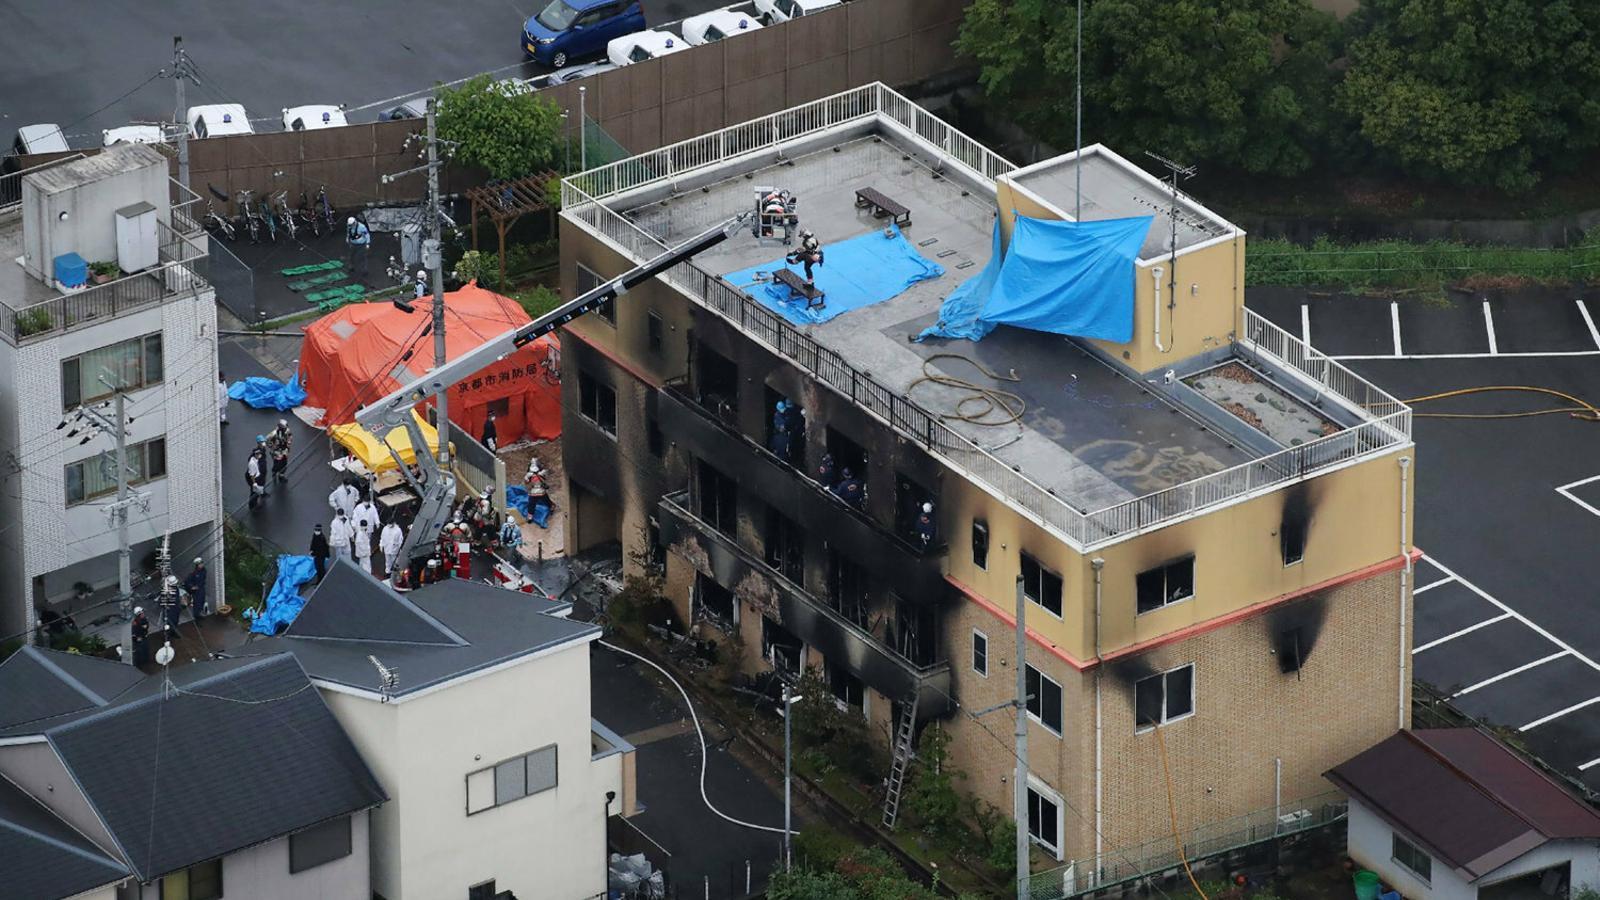 Un incendi provocat deixa  33 morts en un estudi d''anime'